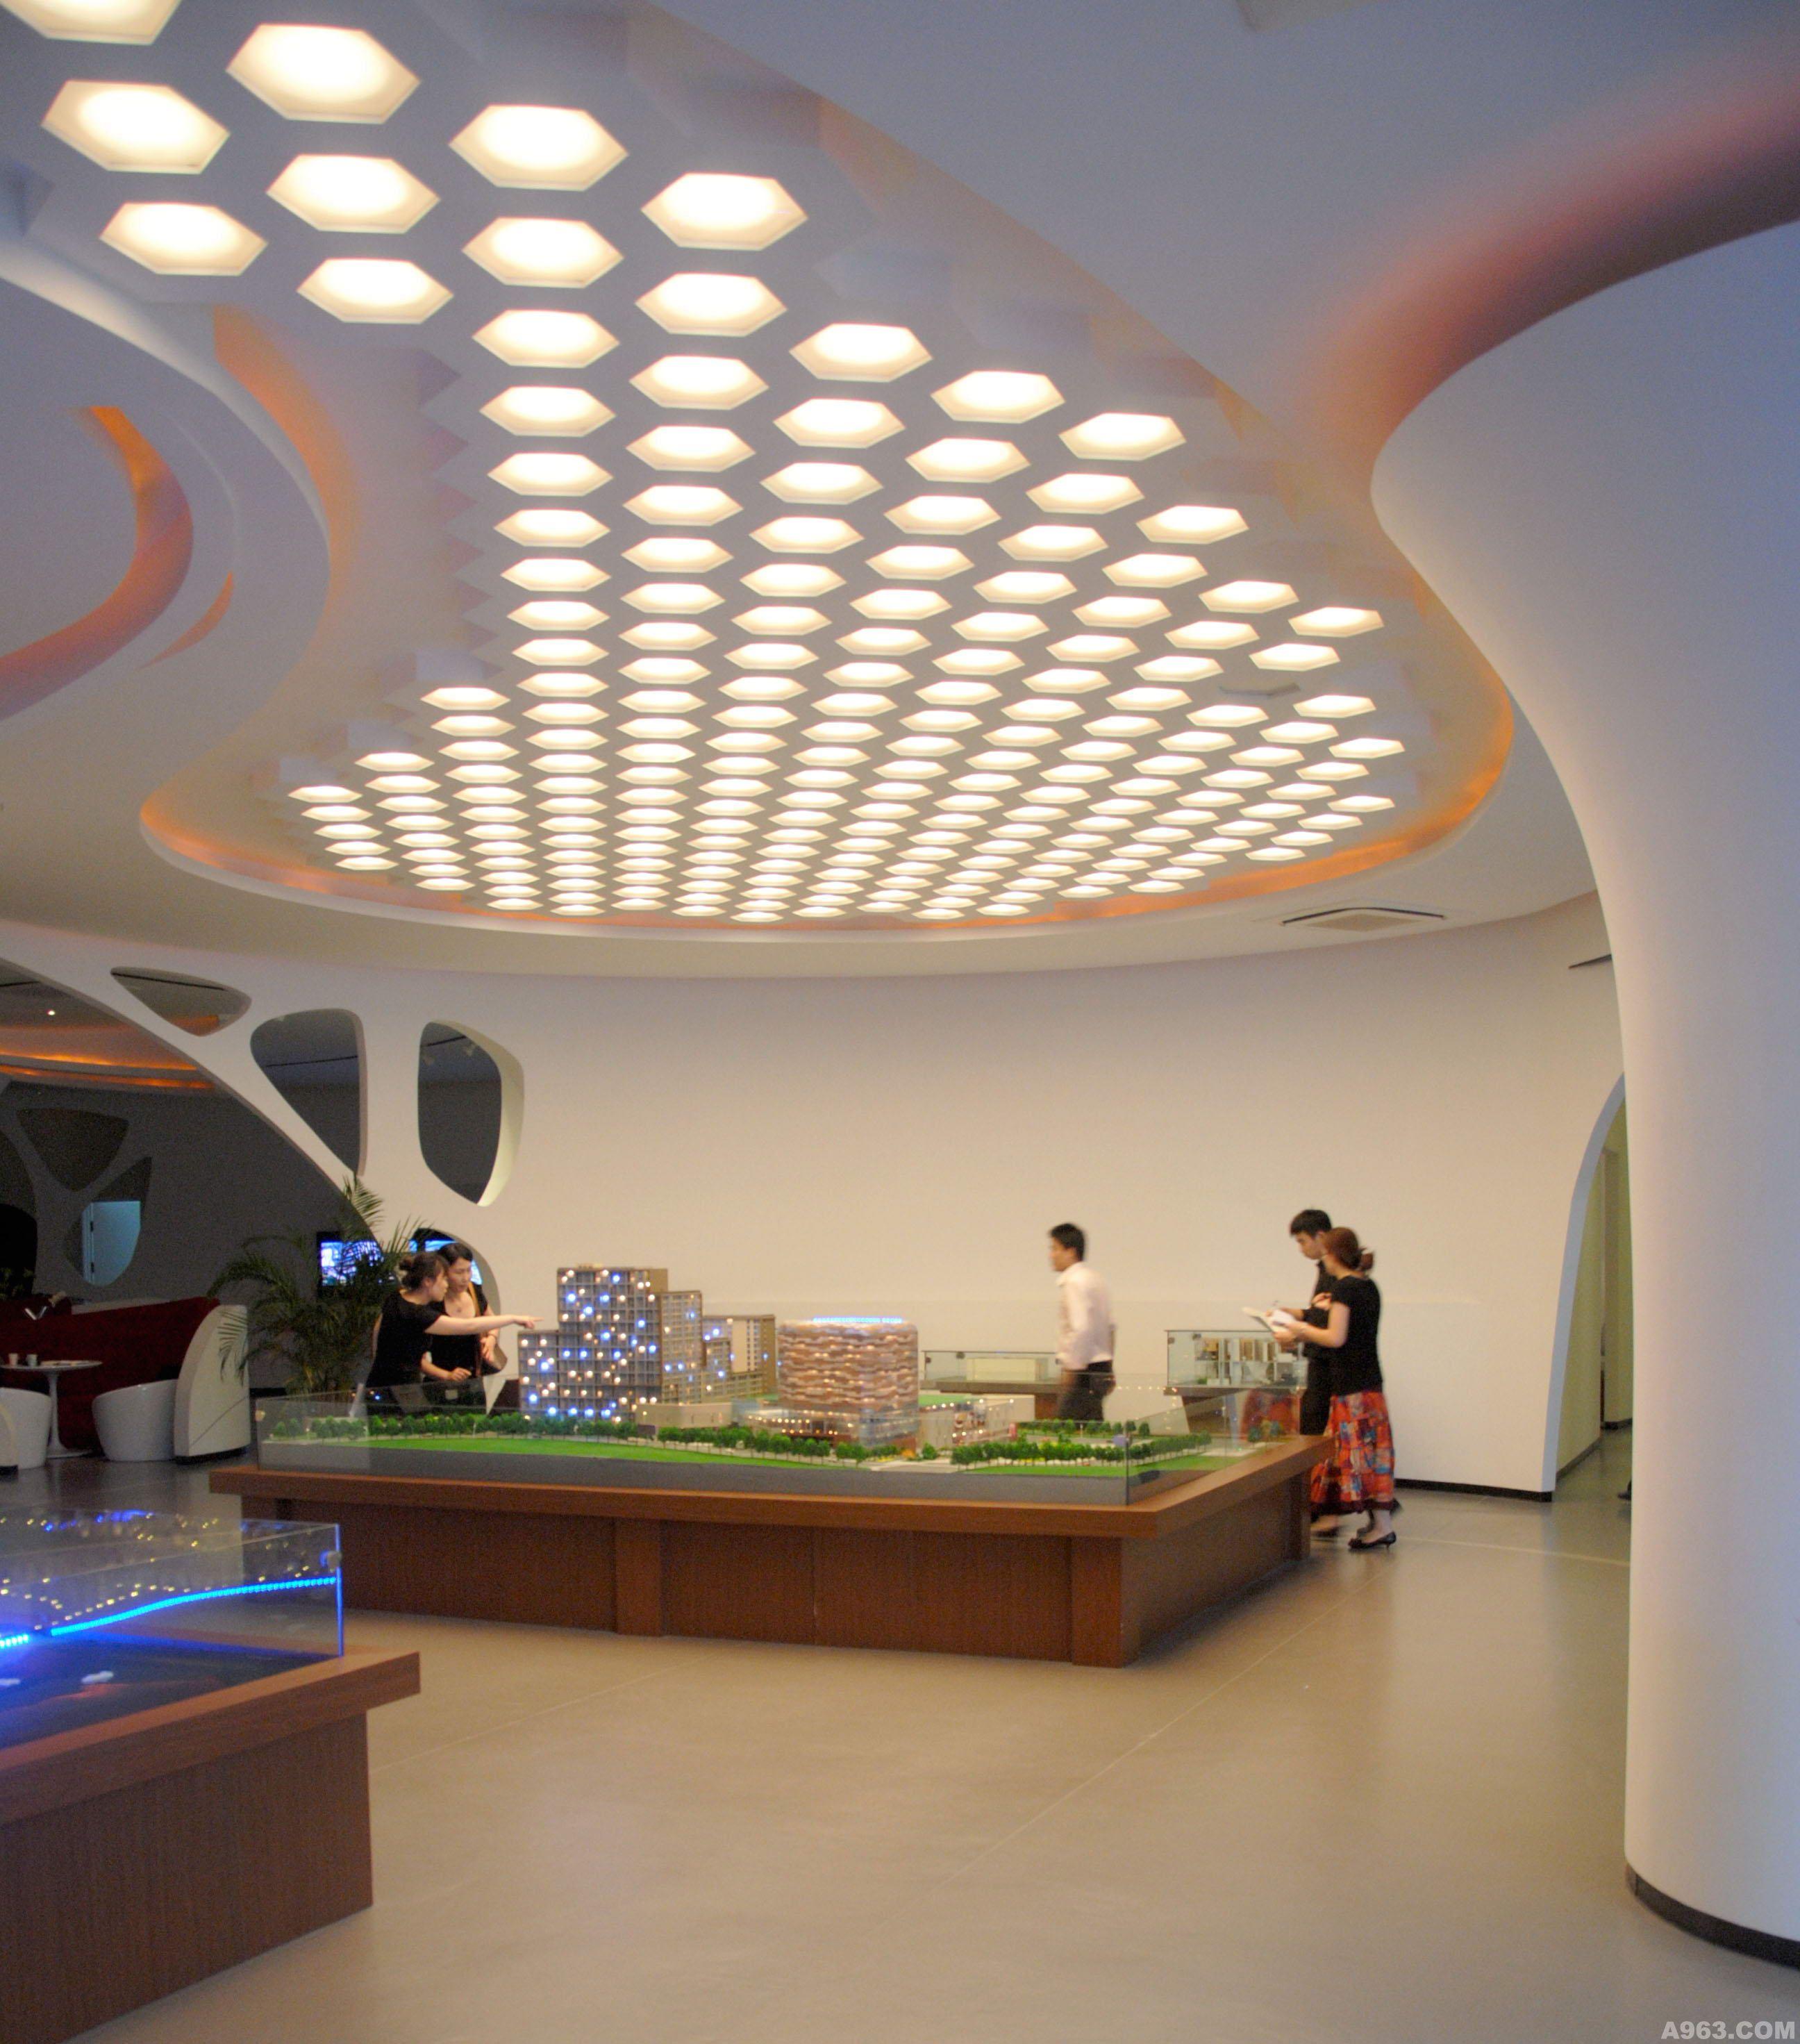 青岛大拇指---照明设计 - 光环境设计 - 深圳室内设计